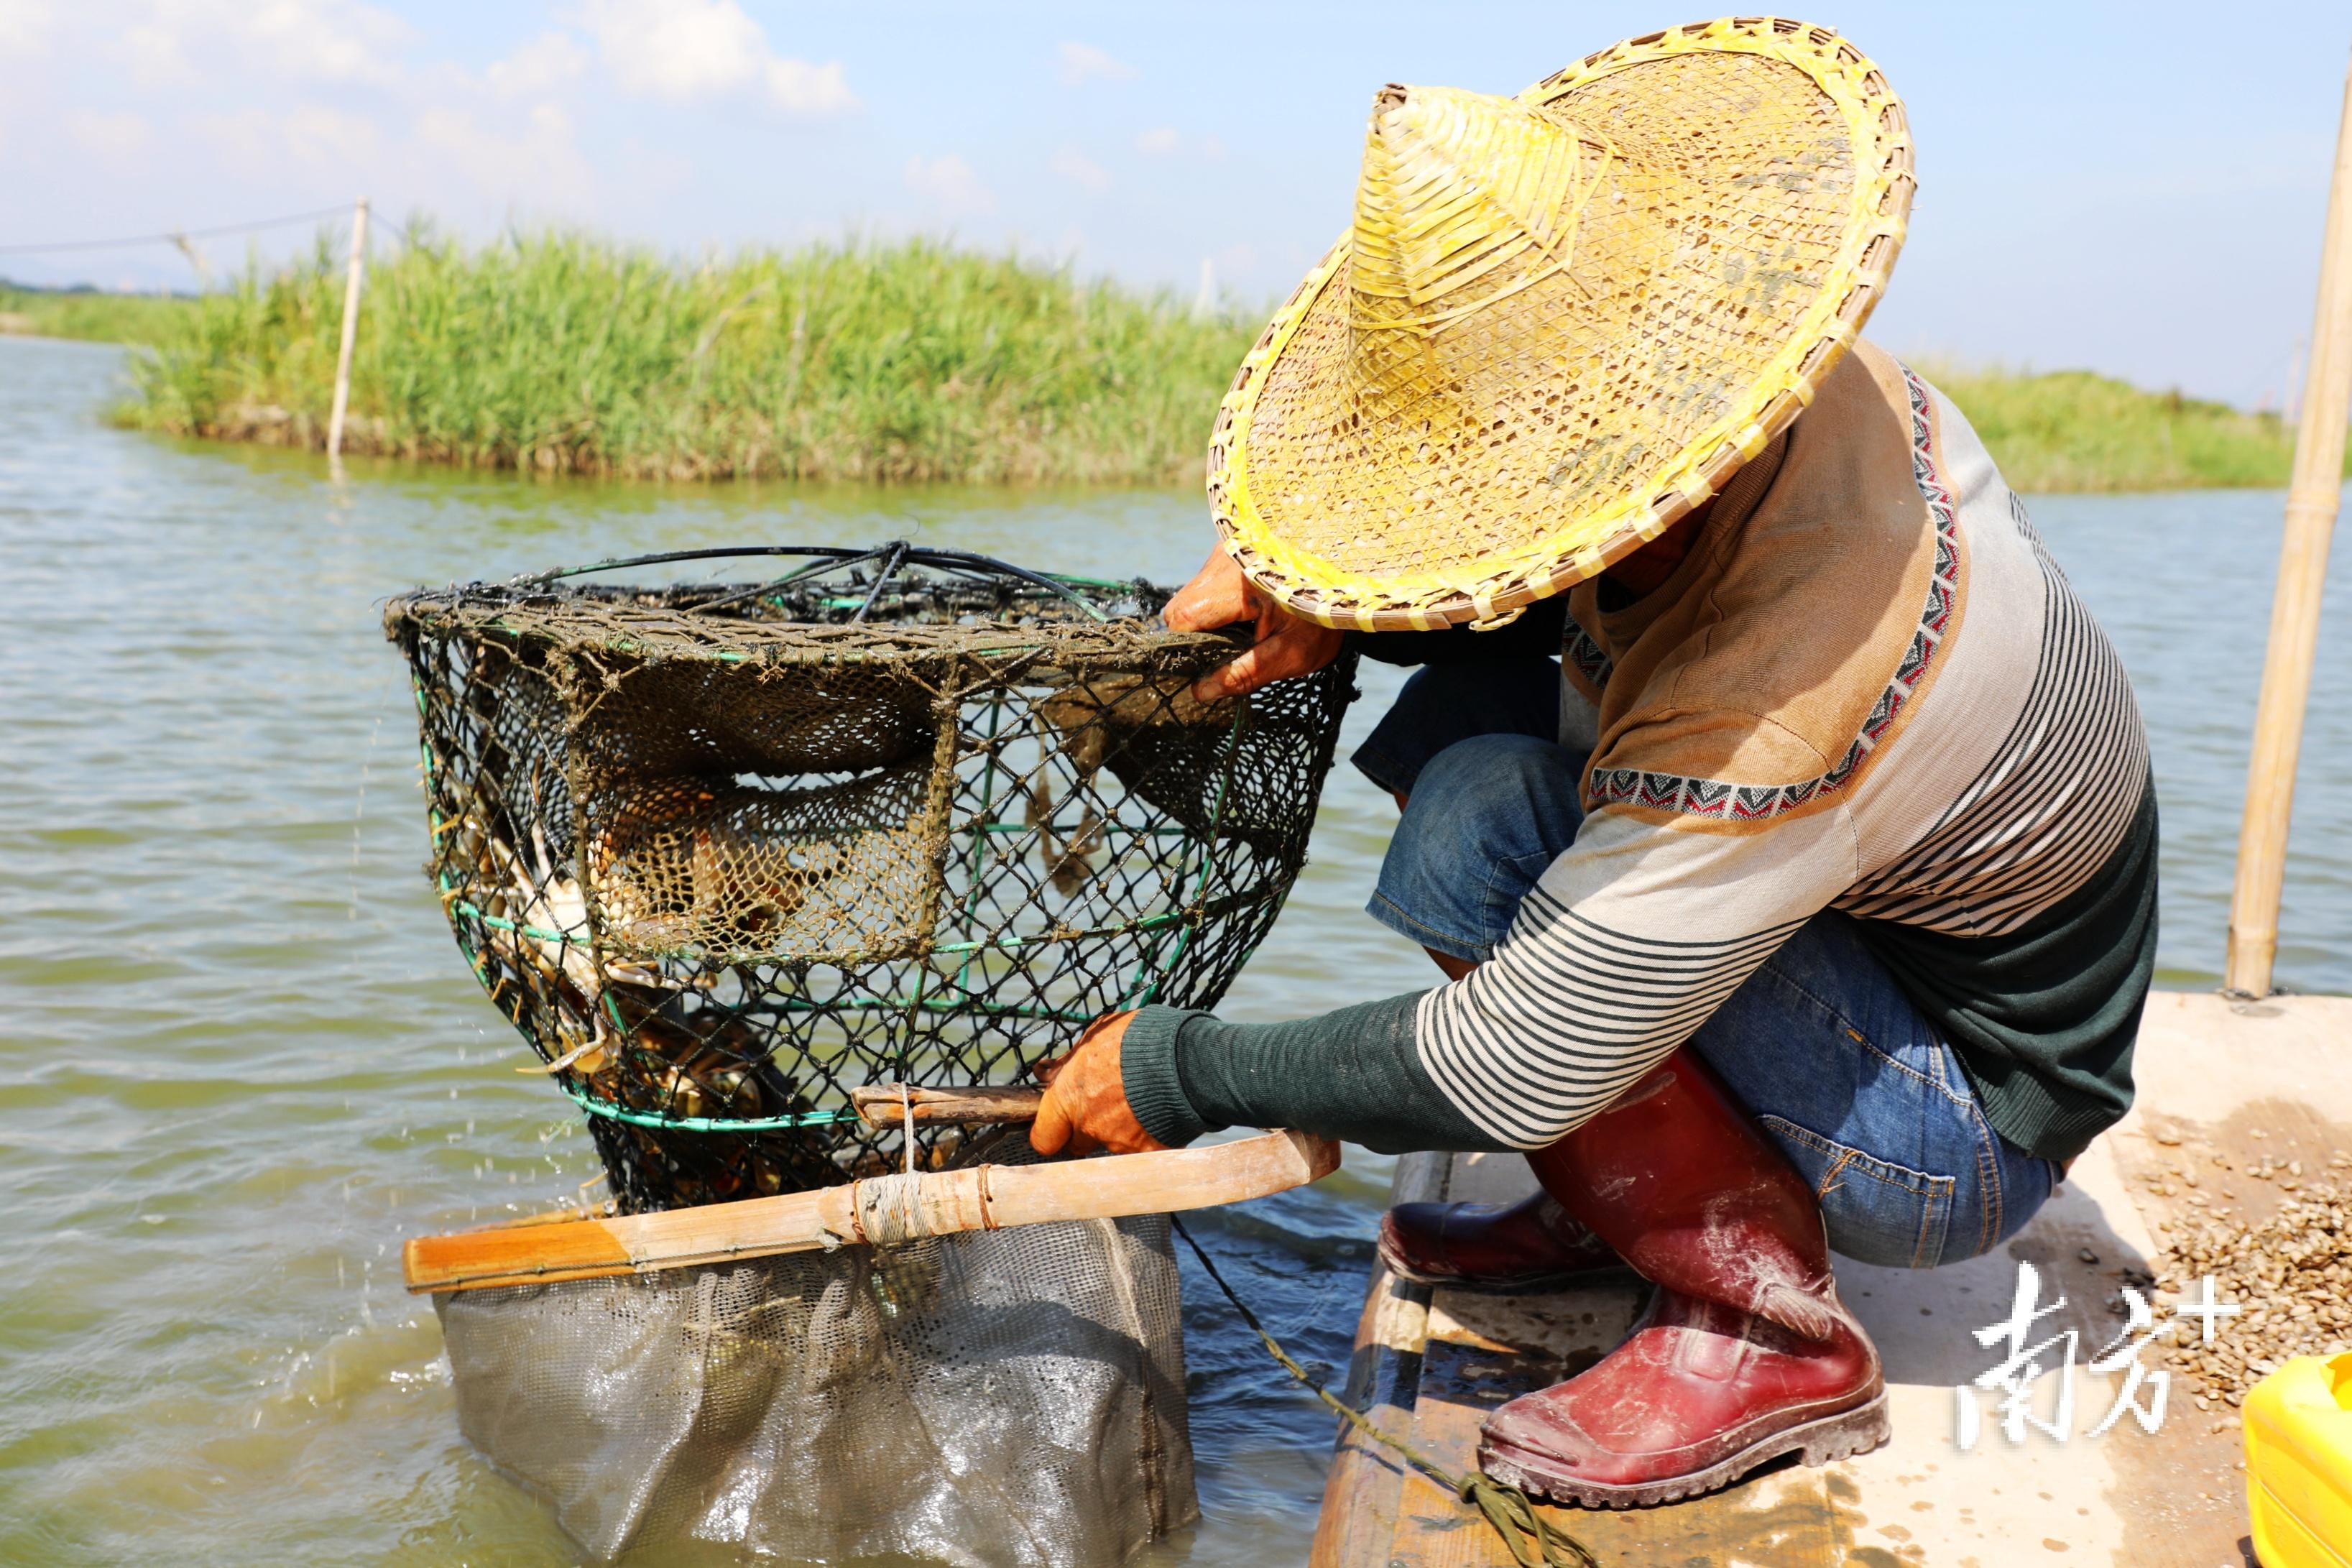 林惠庆麻利地捞起养殖笼,一只只鲜活生猛的青蟹在渔网中爬动。  南方+ 张伟炜 拍摄